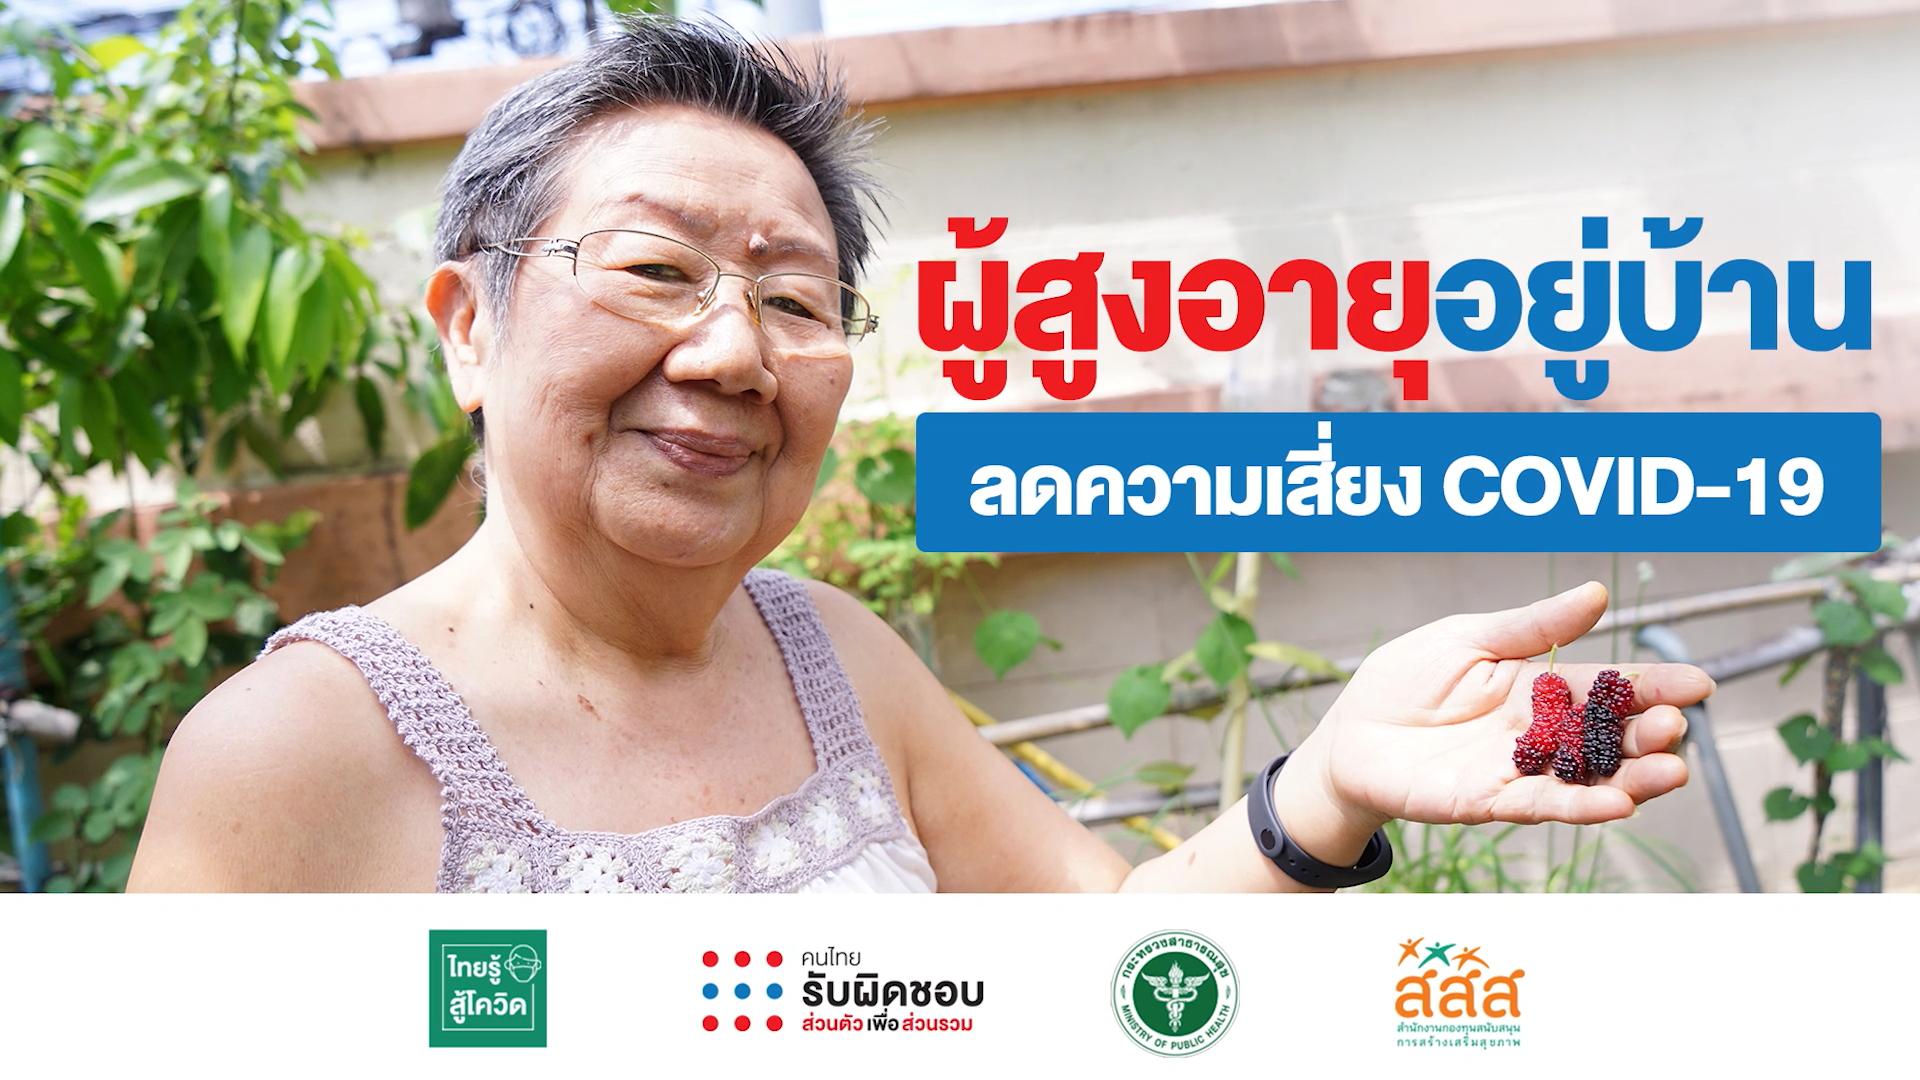 ช่วยกันส่งต่อคลิปชวนผู้สูงวัยอยู่บ้าน ลดความเสี่ยงโควิด-19 เพราะผู้สูงอายุคือกลุ่มที่เสี่ยงที่สุด thaihealth